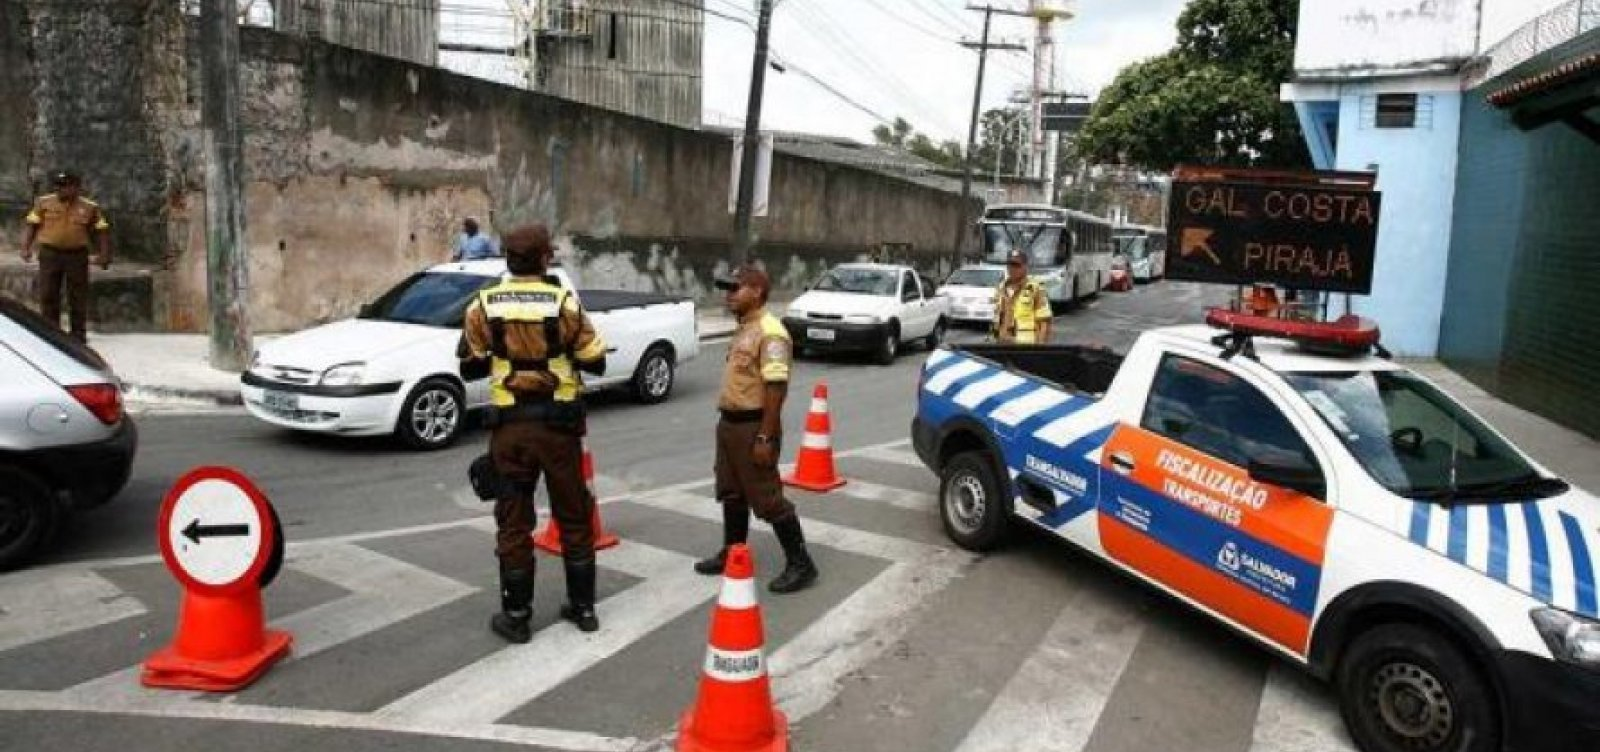 Eventos alteram o trânsito em diversos pontos de Salvador; saiba mais